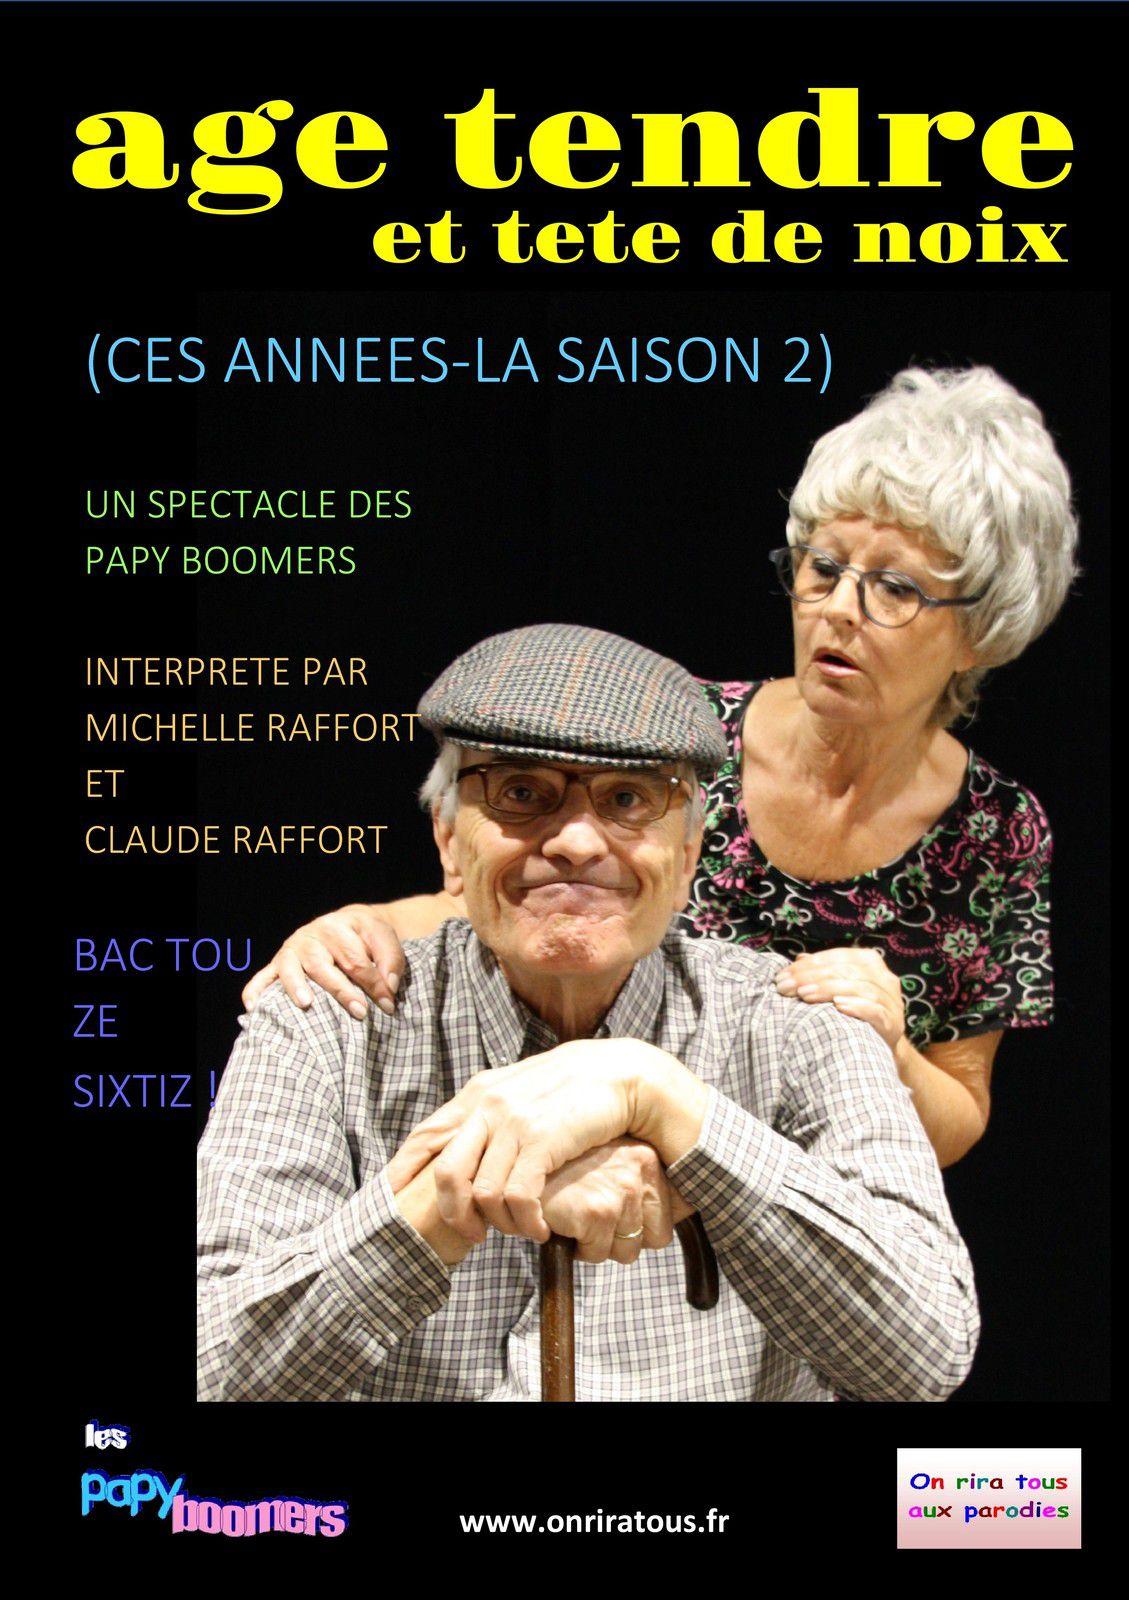 AGE TENDRE ET TETE DE NOIX le 21 Août à La Motte (83)